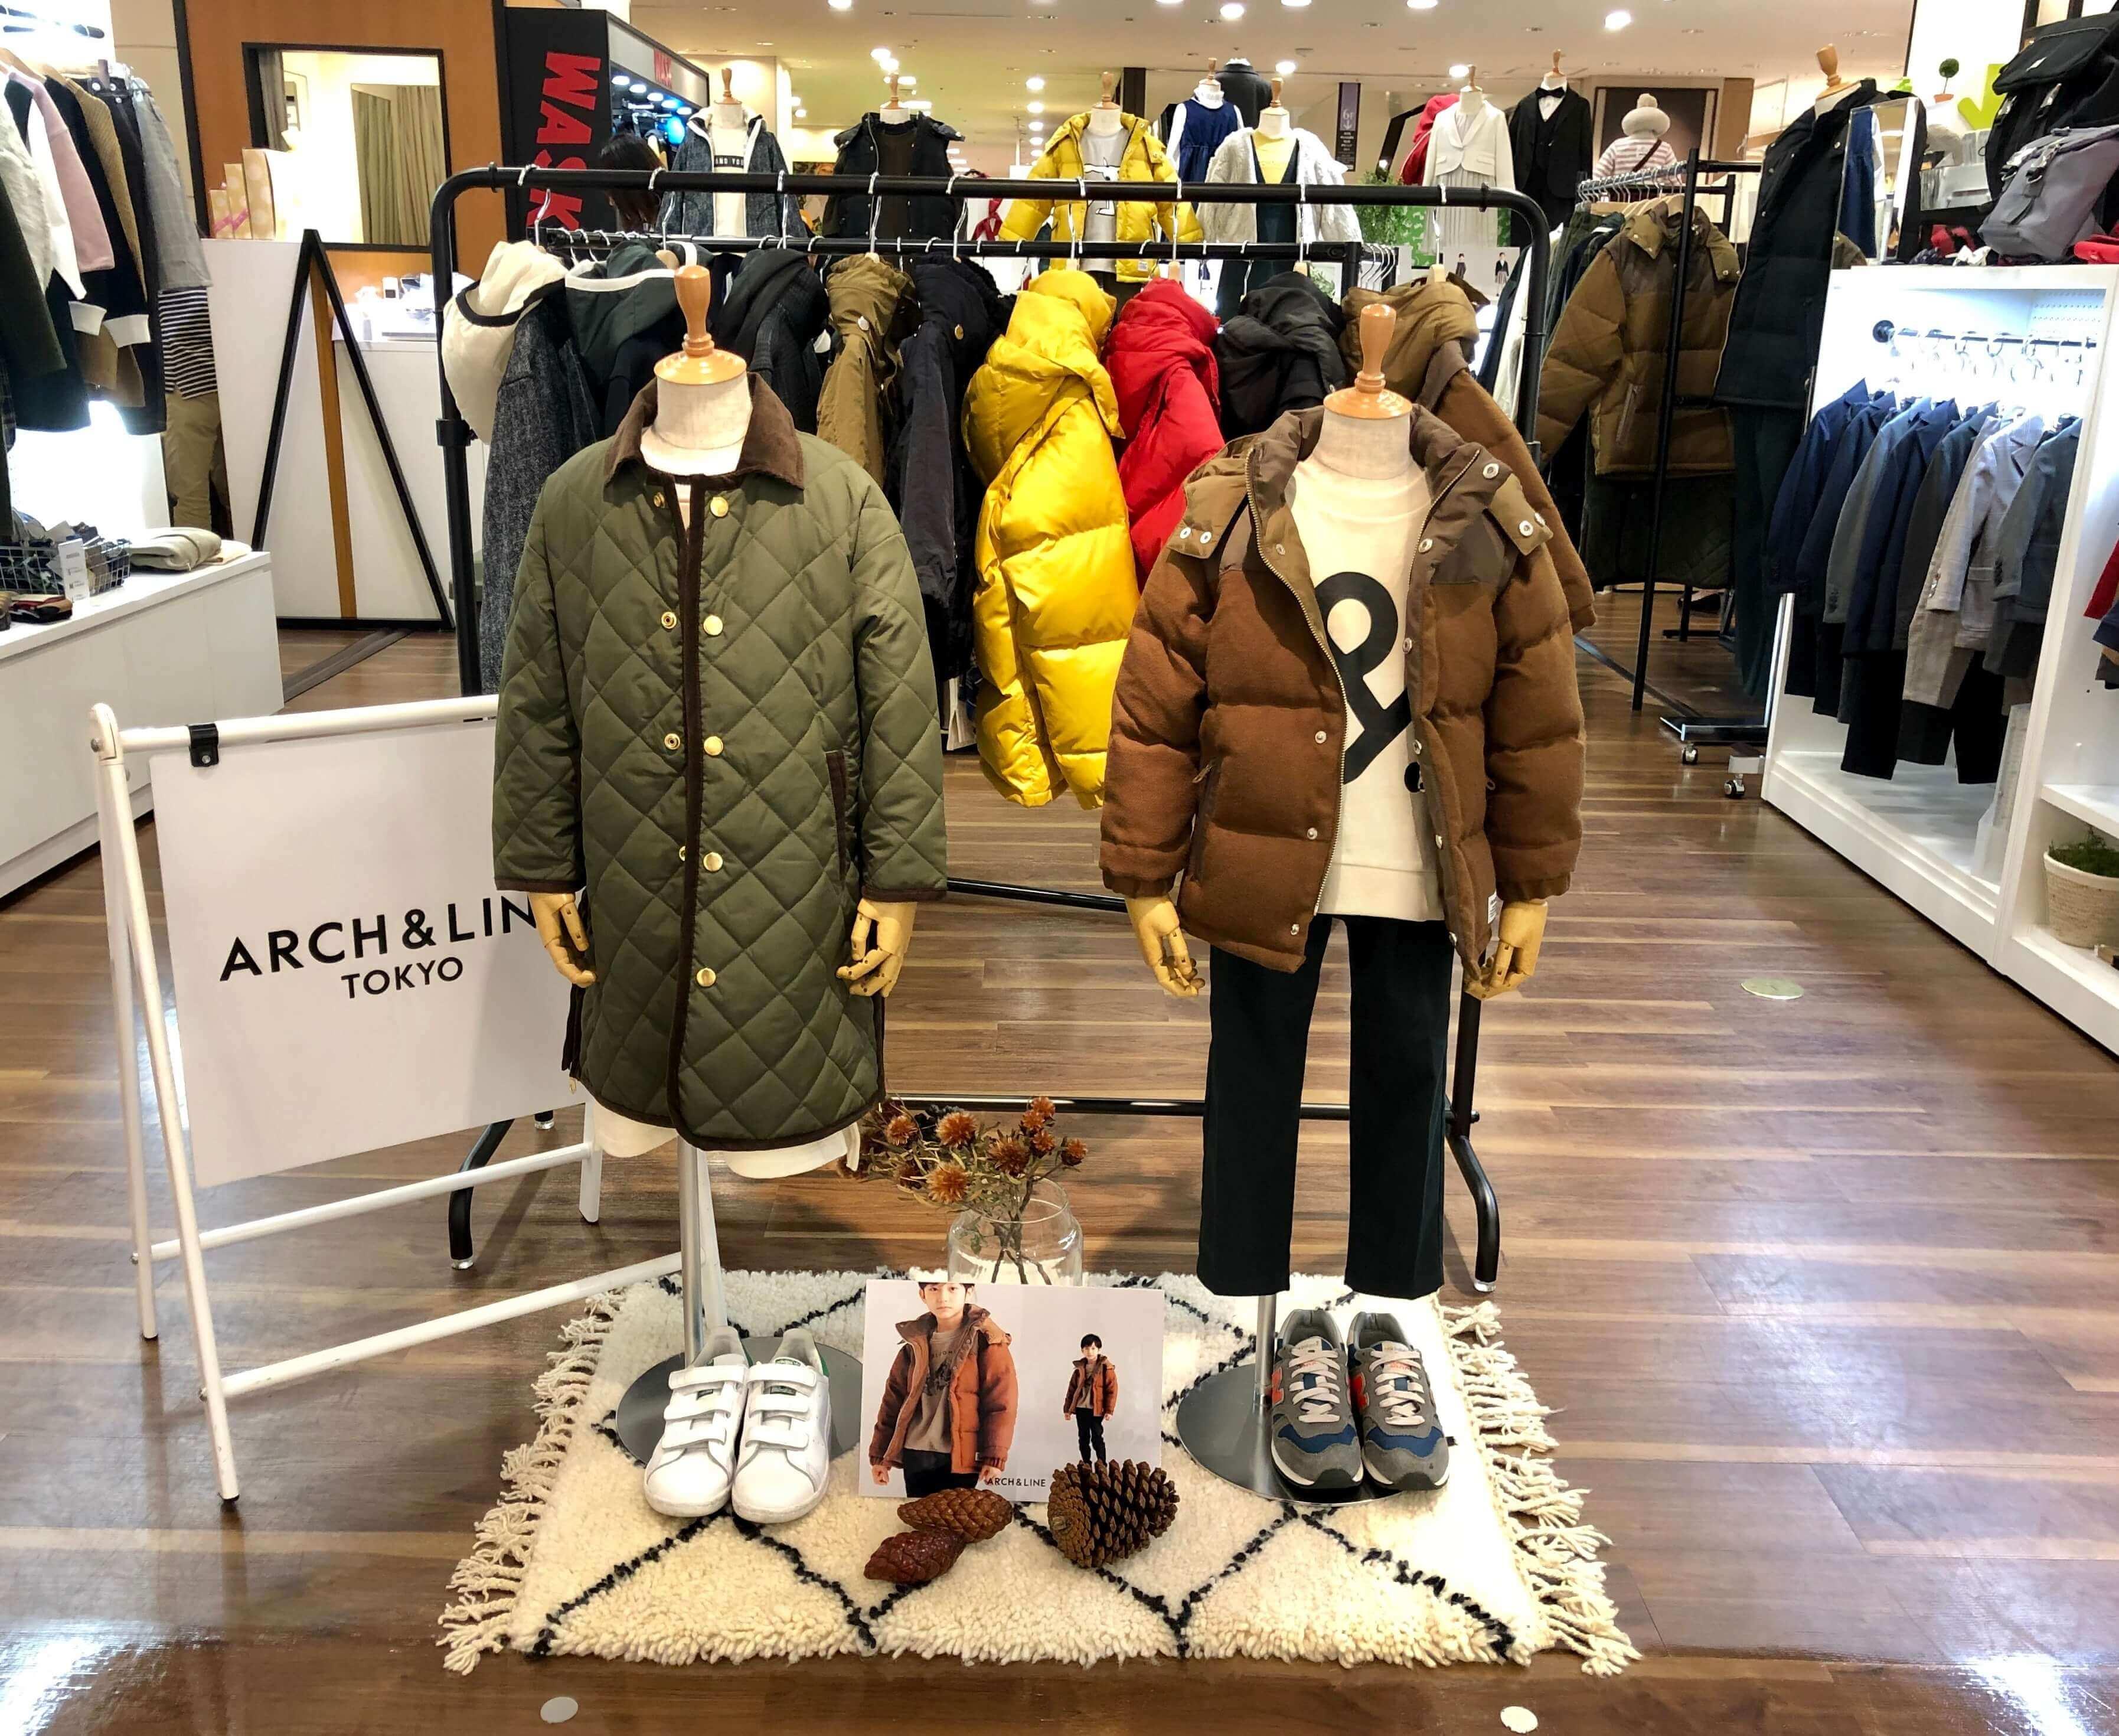 【子供服】ARCH&LINE 博多阪急 販売スタッフ募集のカバー写真